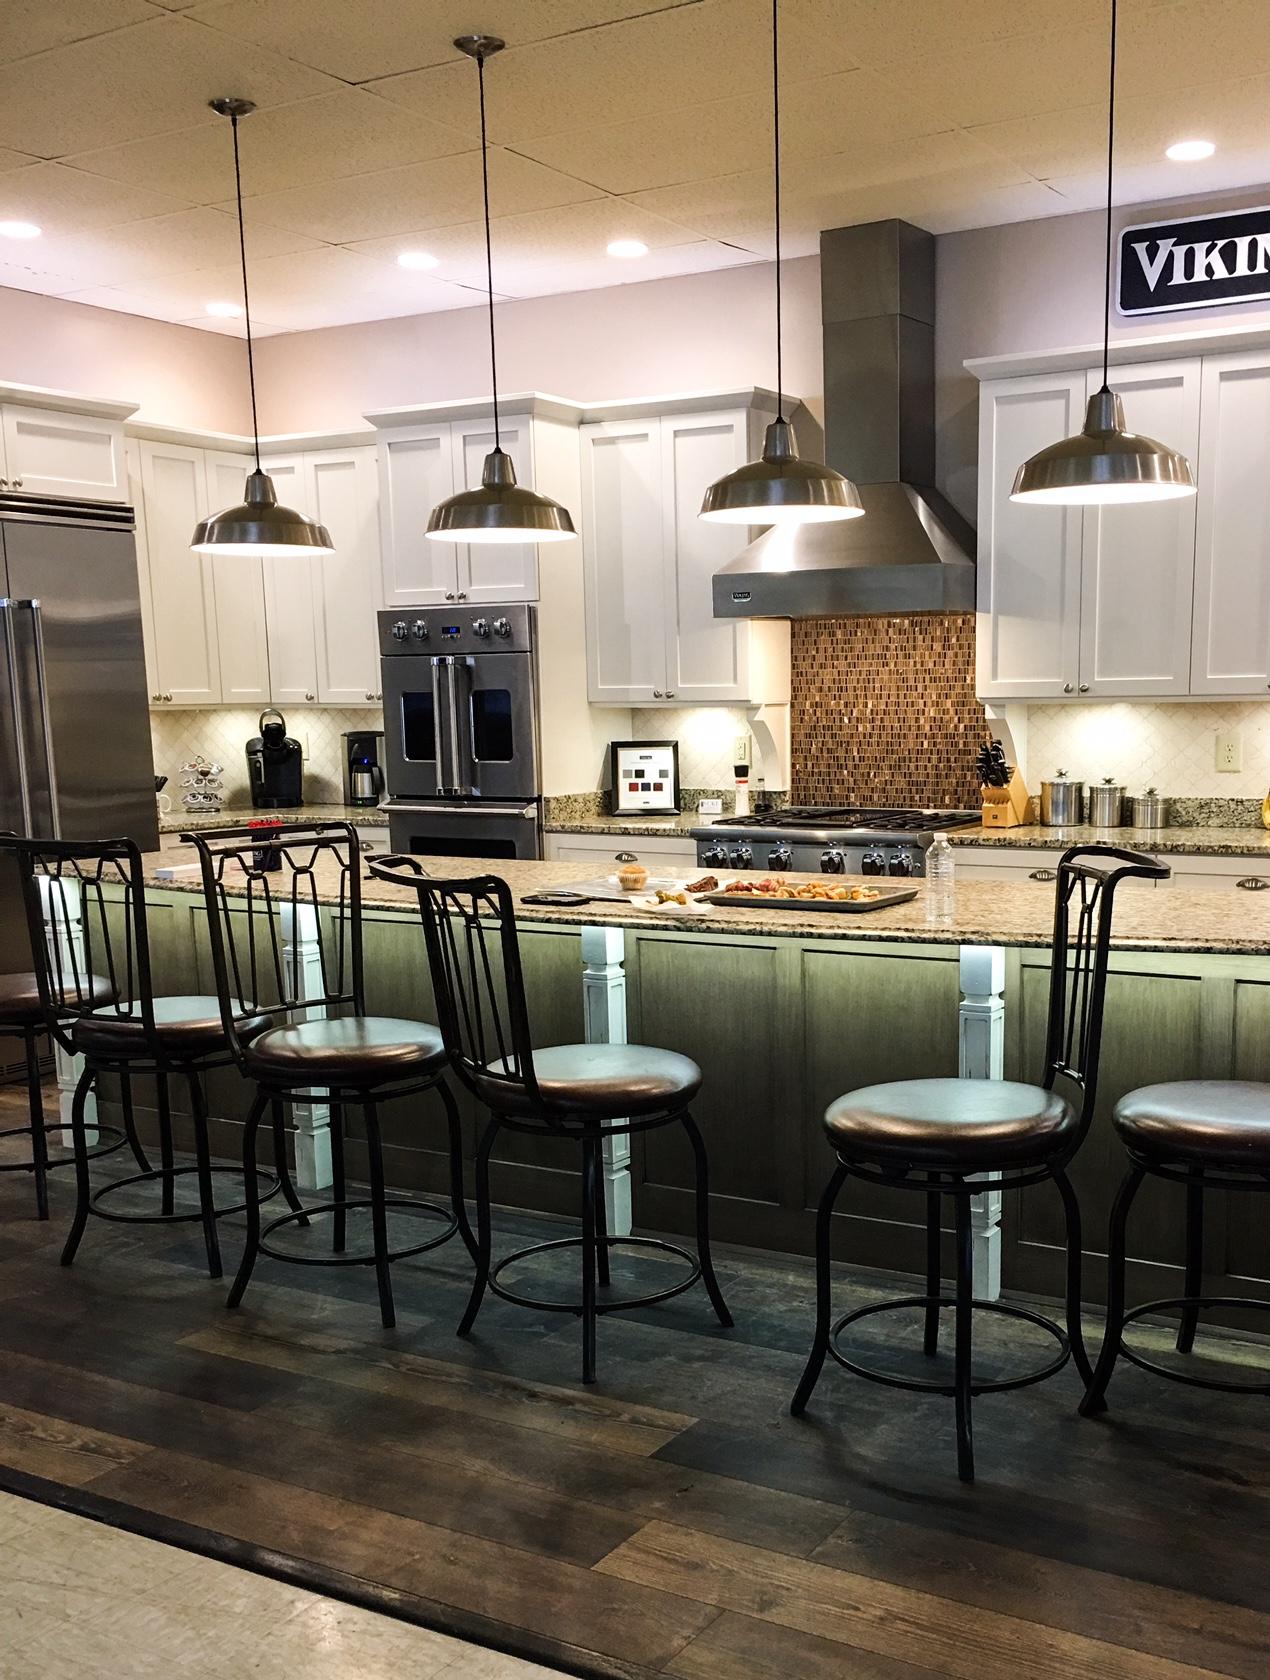 viking range kitchen